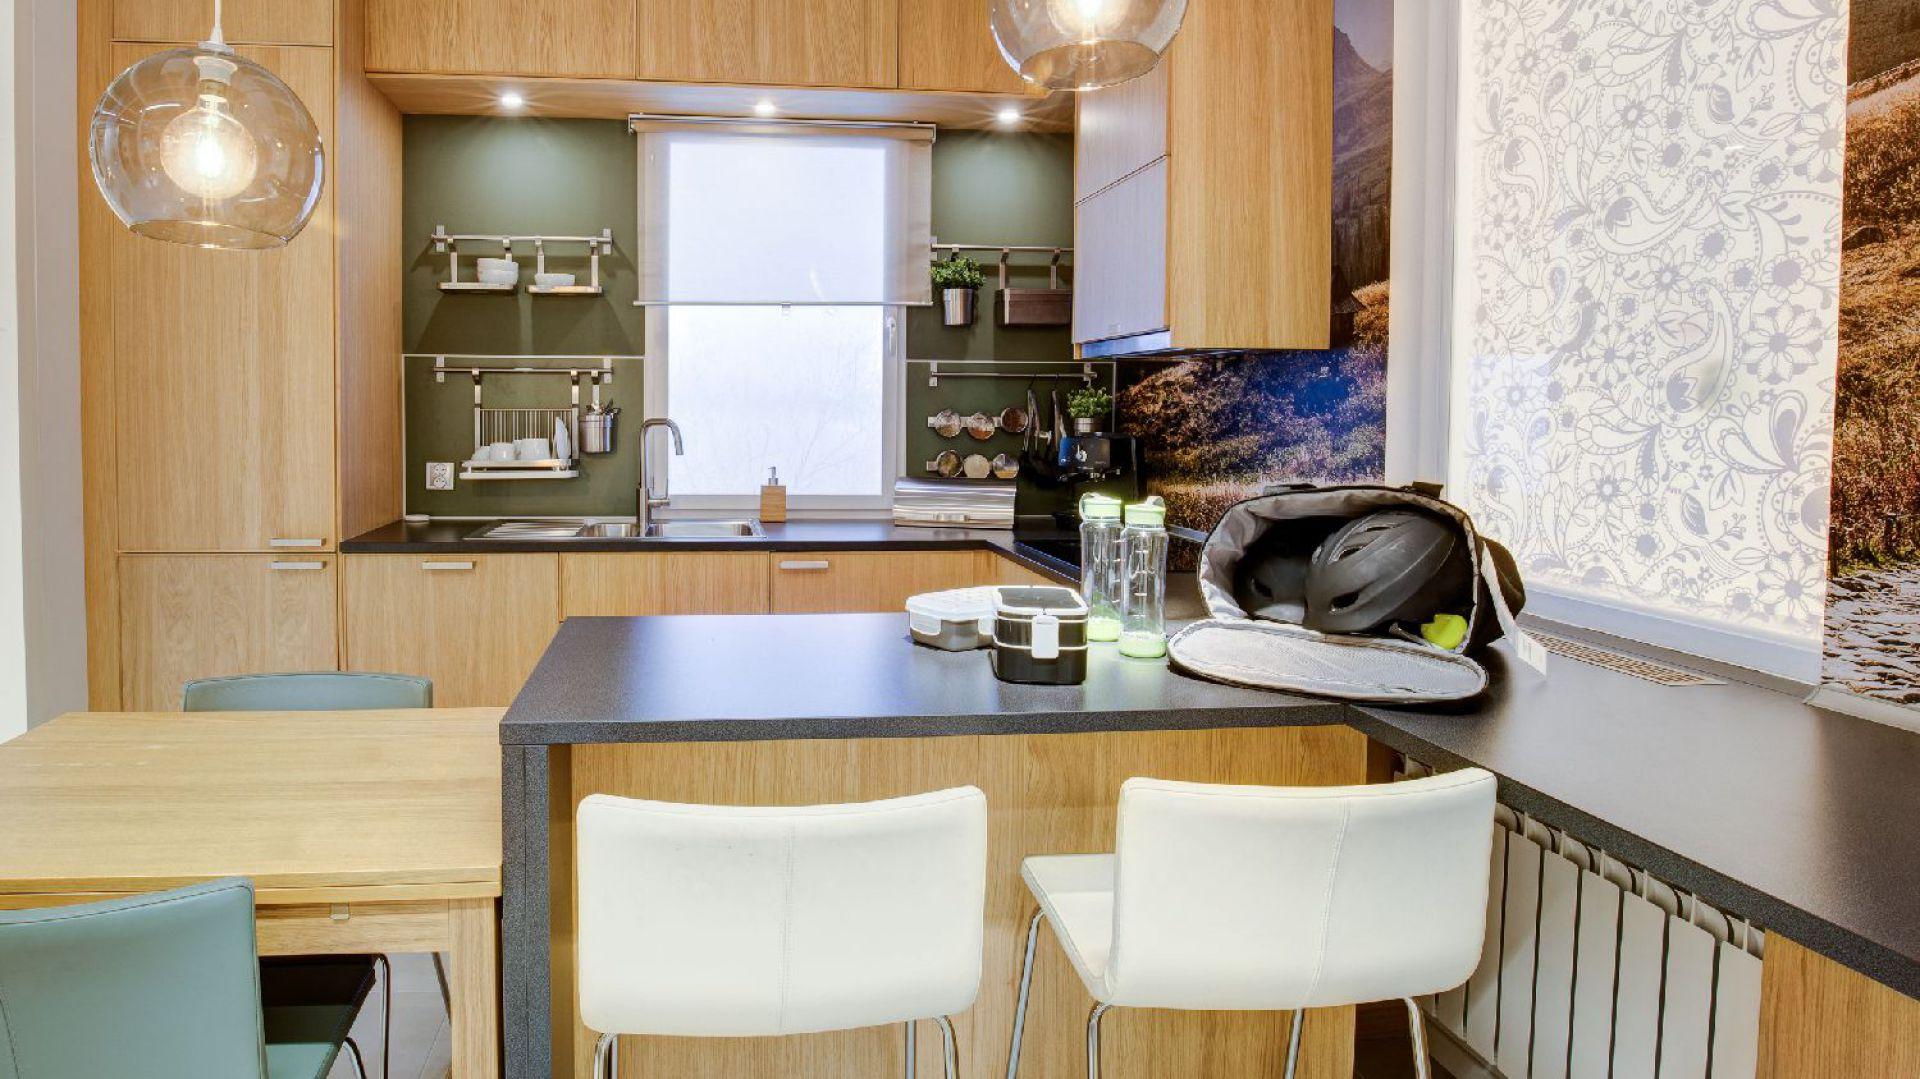 Ikea meble do kuchni